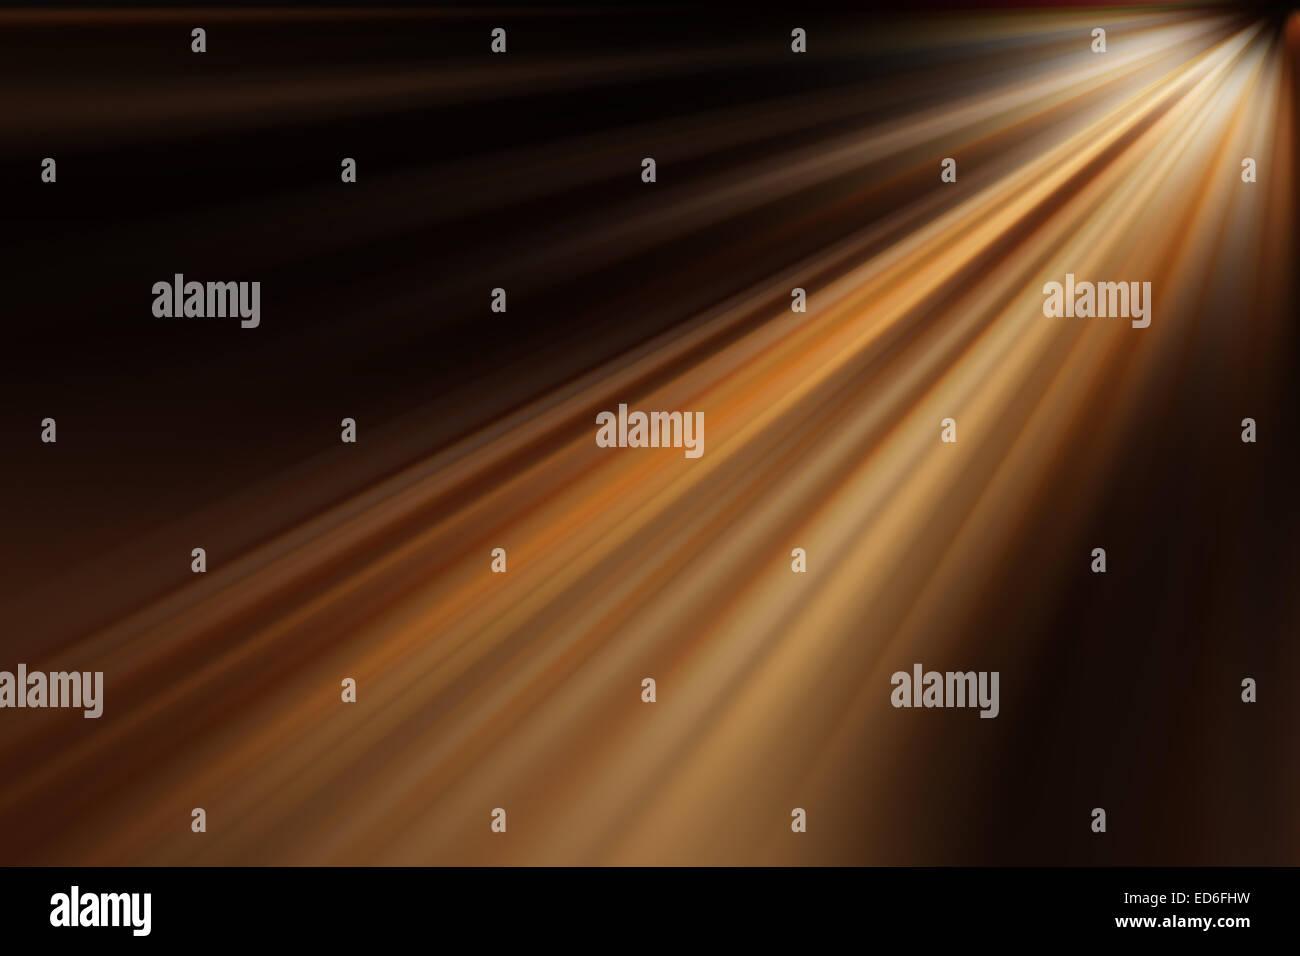 Lichtstrahlen Hintergrund, abstrakt, leichte Textur Stockbild